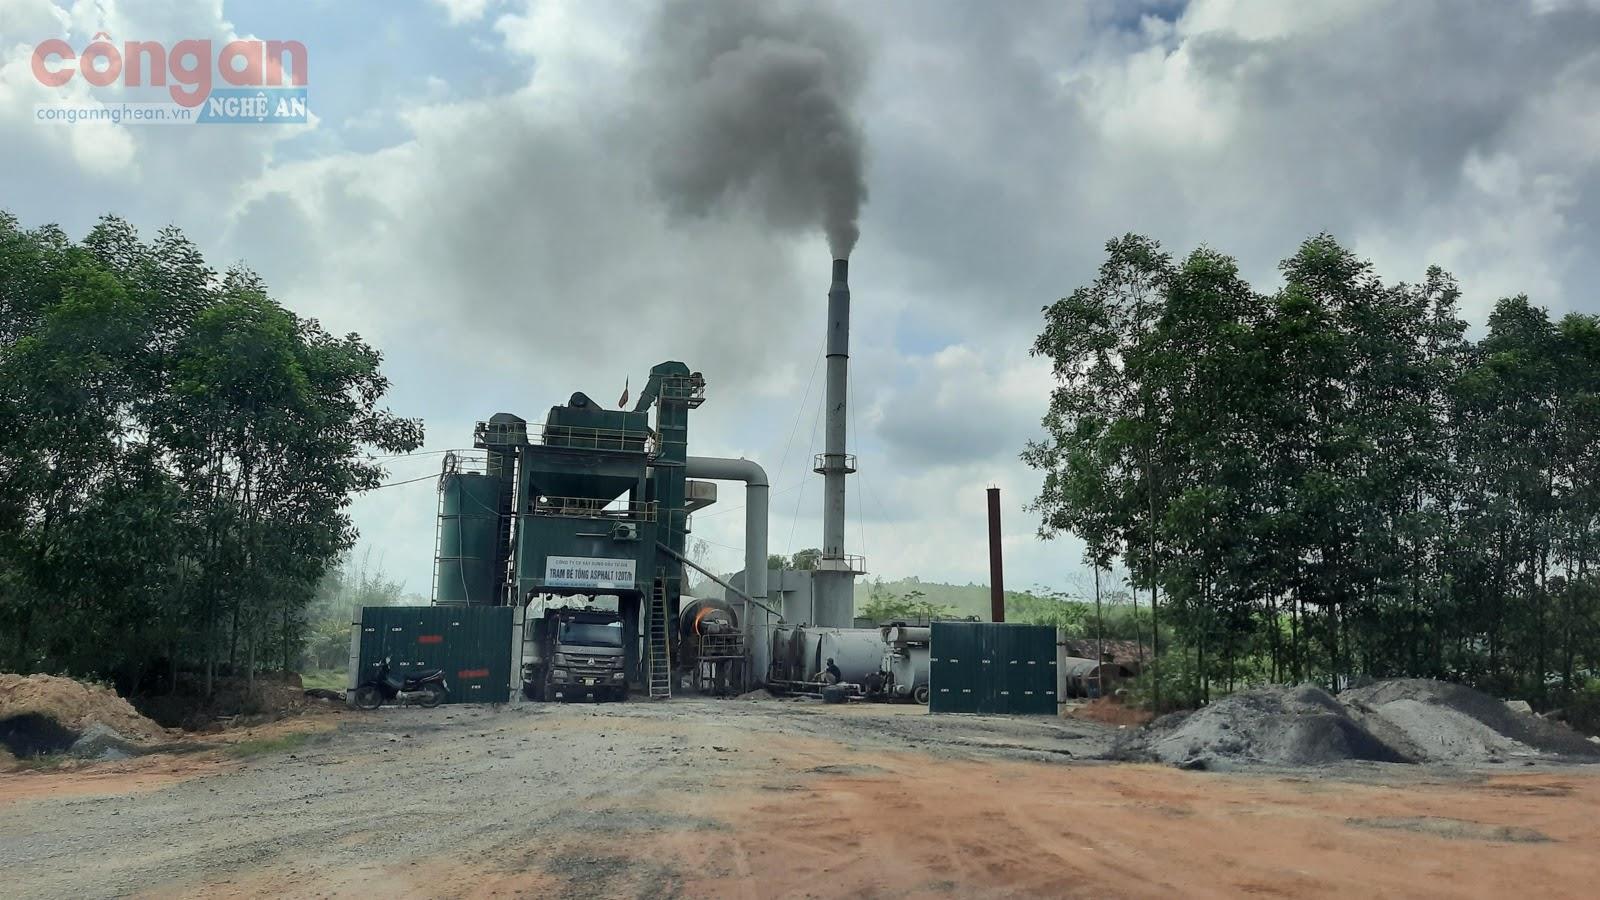 Trạm trộn bê tông nhựa Asphalt không phép hoạt động                 hơn 1 năm qua, gây ô nhiễm môi trường